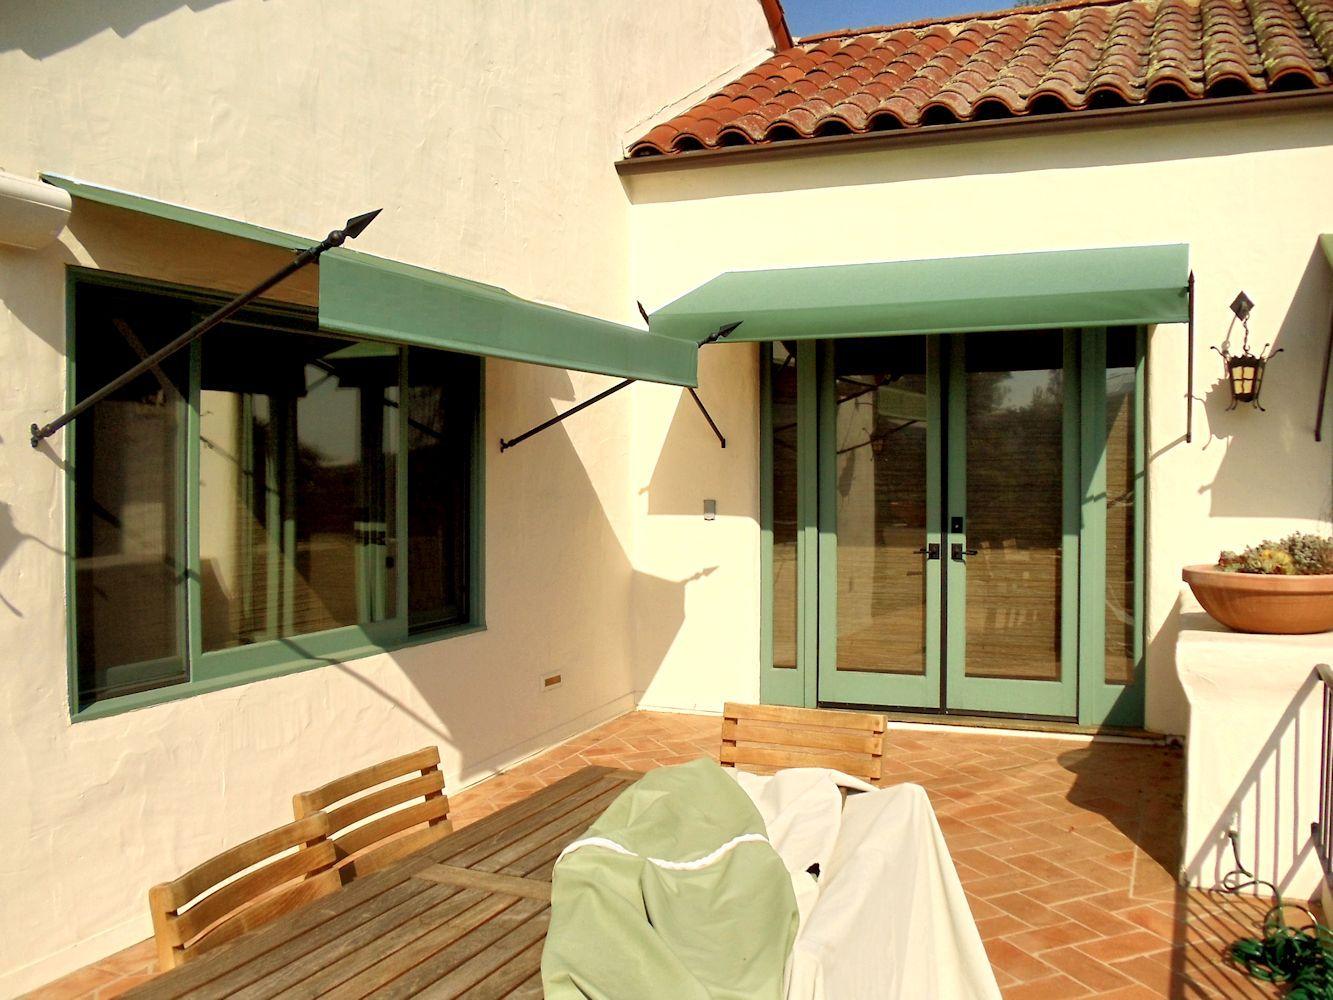 Superior Awning Inc Van Nuys Ca 91402 Homeadvisor Door Awnings Awning Bungalow Exterior